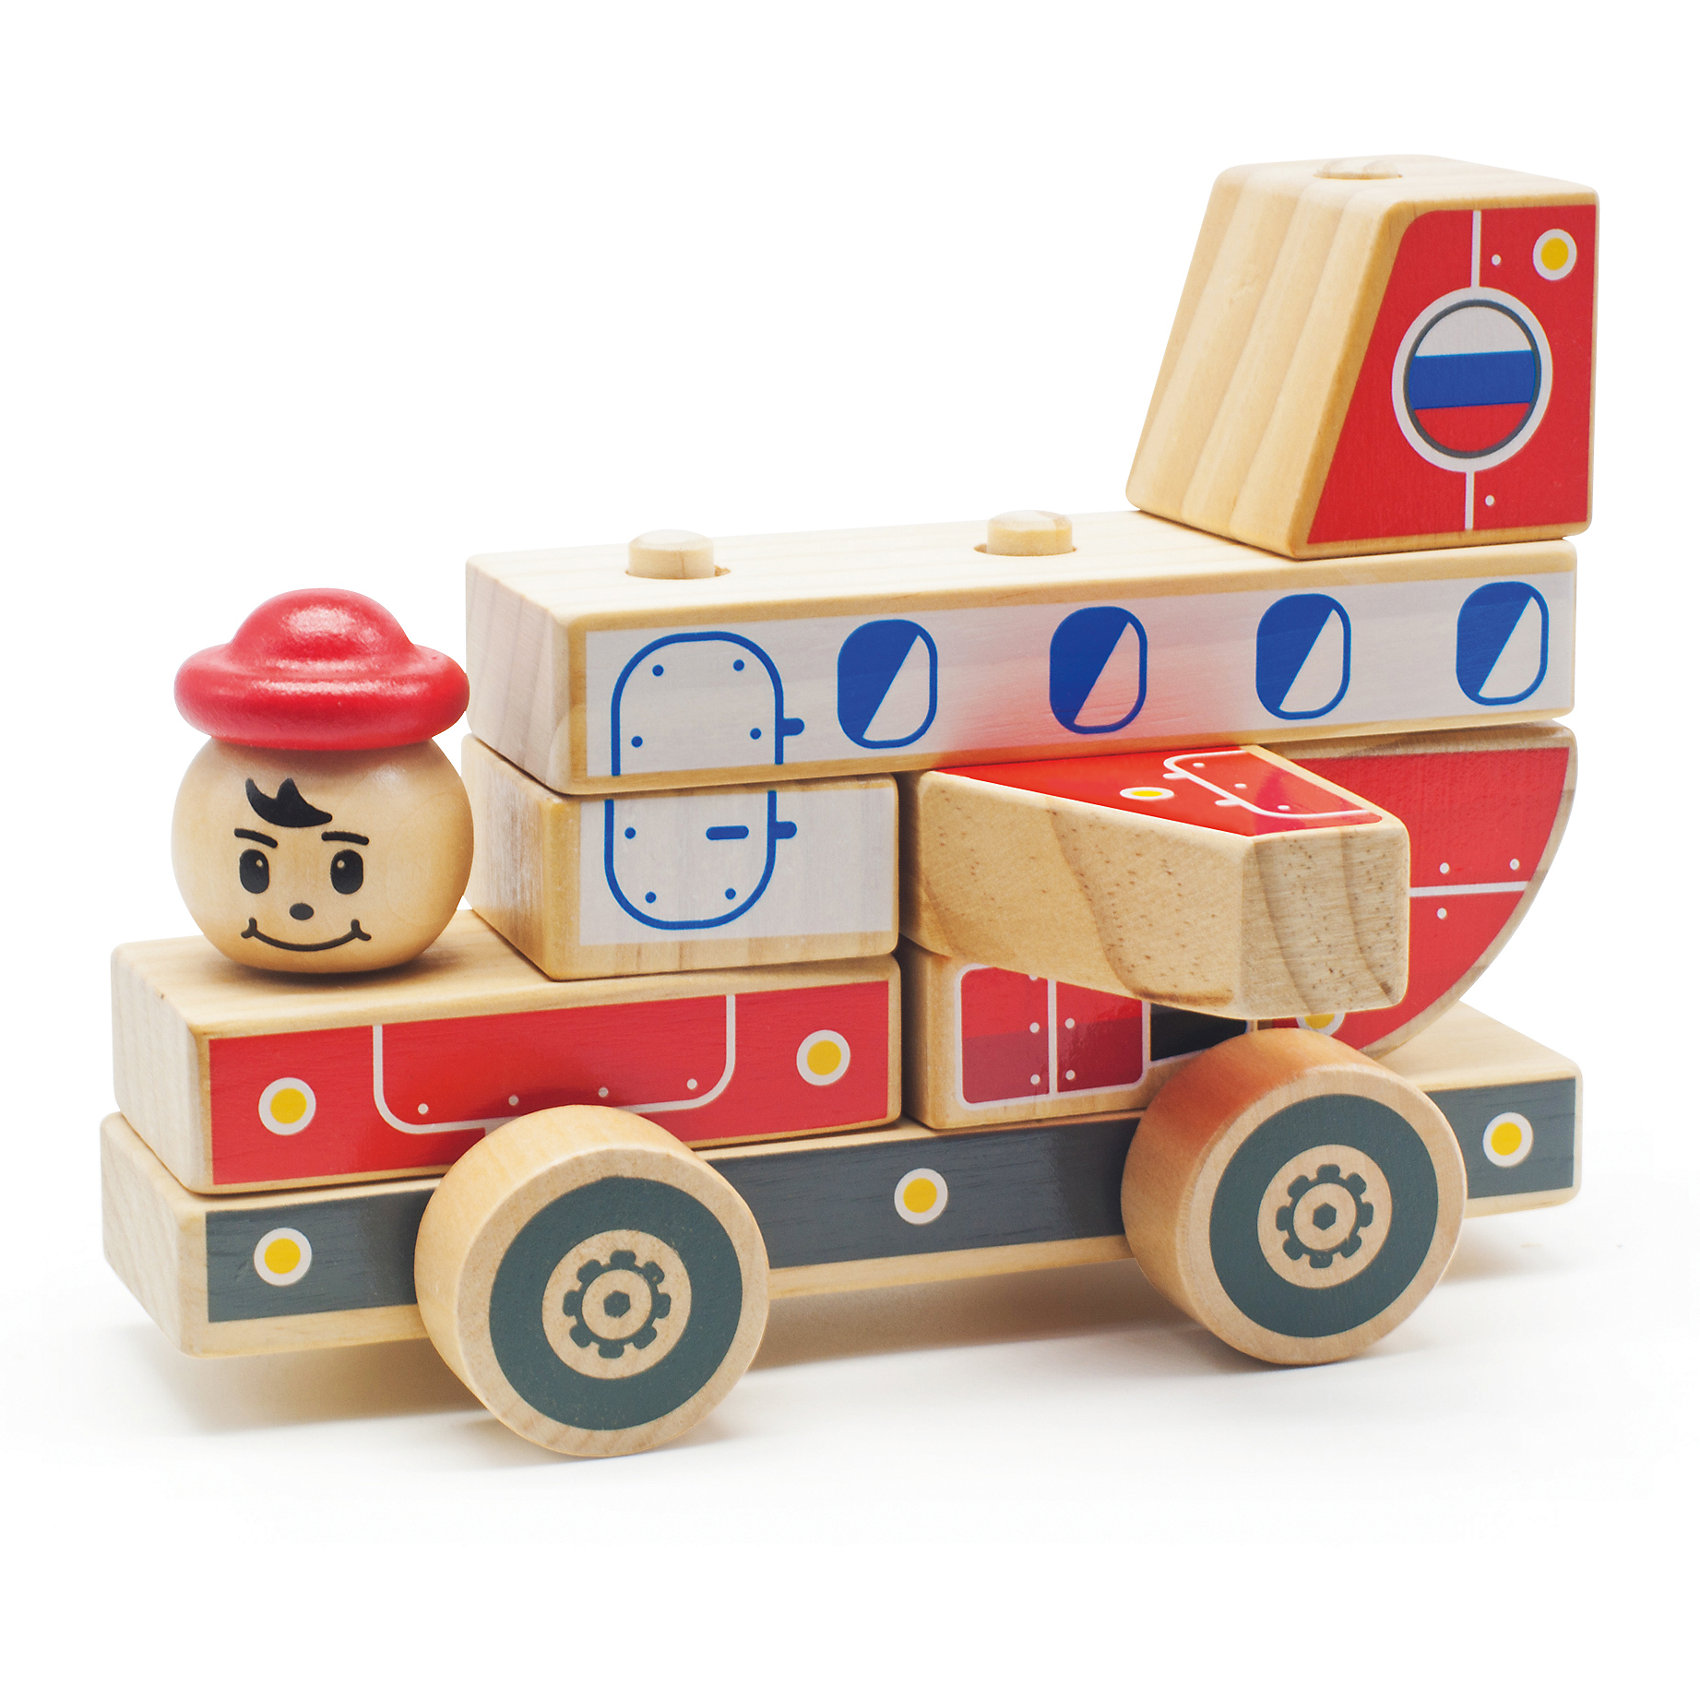 Автомобиль-конструктор 4, Мир деревянных игрушекДеревянные конструкторы<br>Этот яркий автомобильчик придется по вкусу всем юным автолюбителям! Секрет его в том, что он состоит из отдельных кубиков и деталей. Ребенку будет интересно самому собрать оригинальную машинку и потом весело играть с ней. Надо лишь надеть нужные детали на деревянные штырьки на платформе с колесами - и машинка готова! <br>Все детали автомобиля выполнены из натурального дерева, раскрашены гипоаллергенными нетоксичными красителями, не имеют острых углов, прекрасно обработаны - абсолютно безопасны для детей. <br>Игры с конструктором развивают у малышей моторику рук, внимание, пространственного воображение и фантазию. <br><br>Дополнительная информация:<br><br>- Возраст: от 3-х лет.<br>- Материал: дерево. <br>- Размер игрушки: 17 см. <br>- Количество деталей: 12.<br><br>Автомобиль-конструктор 4 можно купить в нашем магазине.<br><br>Ширина мм: 170<br>Глубина мм: 90<br>Высота мм: 130<br>Вес г: 460<br>Возраст от месяцев: 36<br>Возраст до месяцев: 2147483647<br>Пол: Унисекс<br>Возраст: Детский<br>SKU: 4895902